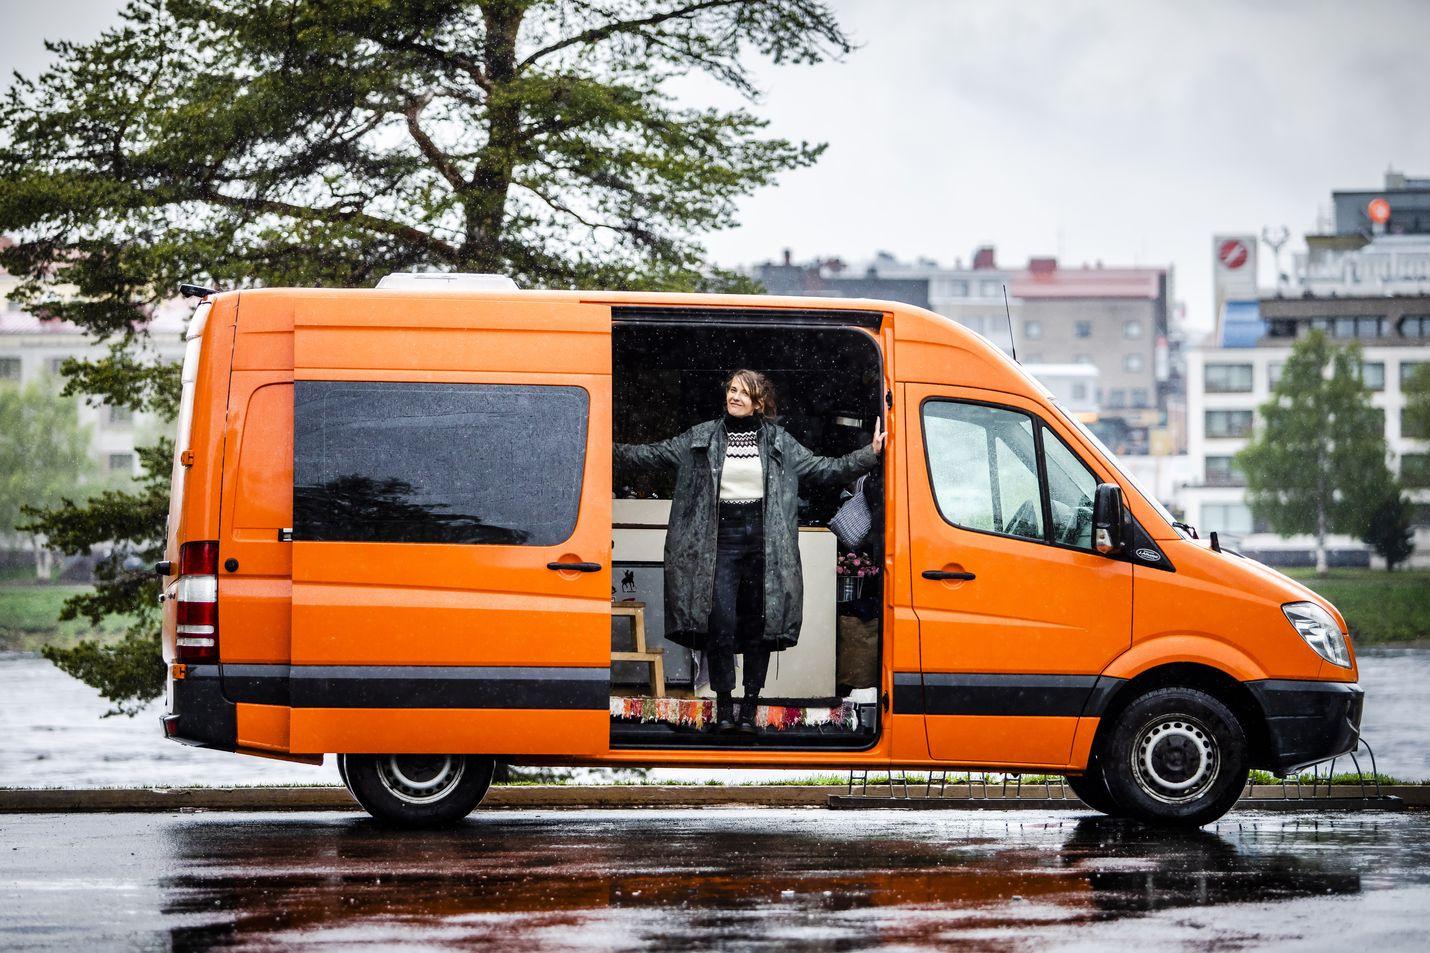 Aino Huilaja ja Jerry Ylkänen halusivat luotettavan auton, jota osataan huoltaa kaikkialla Euroopassa. Viime syksystä pariskunnan ja heidän koiransa koti on ollut vuoden 2010 Mercedes-Bentz Sprinter, jonka mittarissa on tällä hetkellä reilut 220 000 kilometriä.